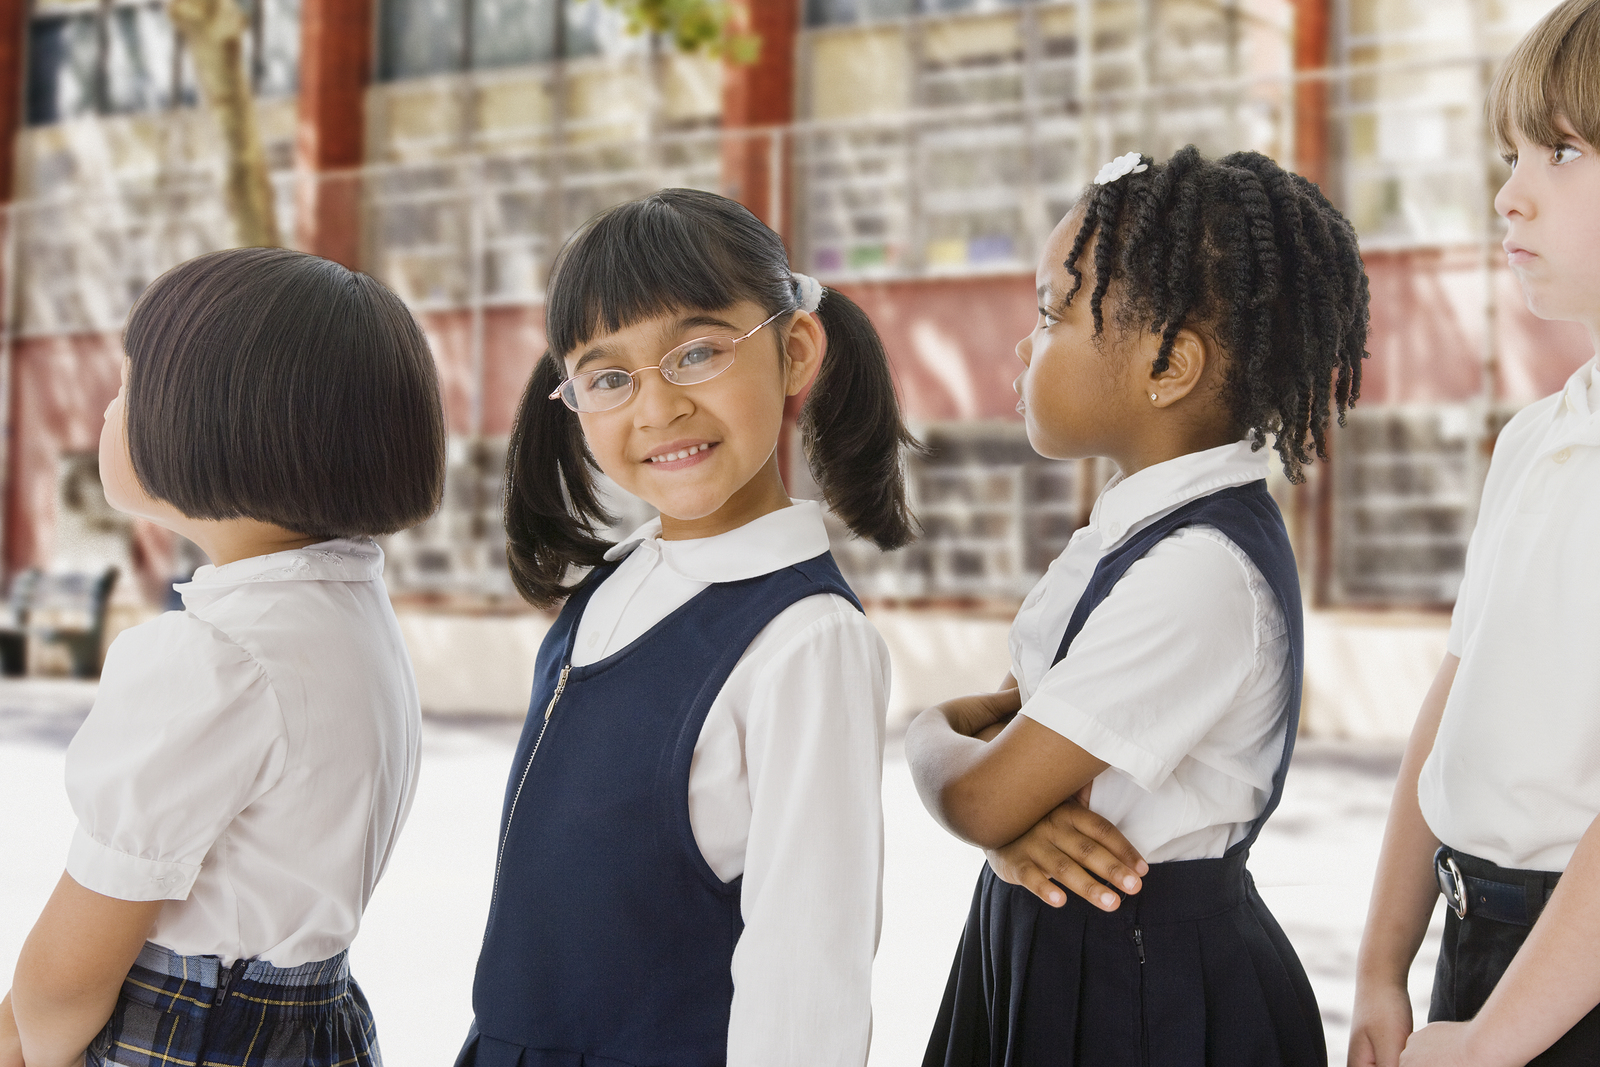 children in school waiting in line